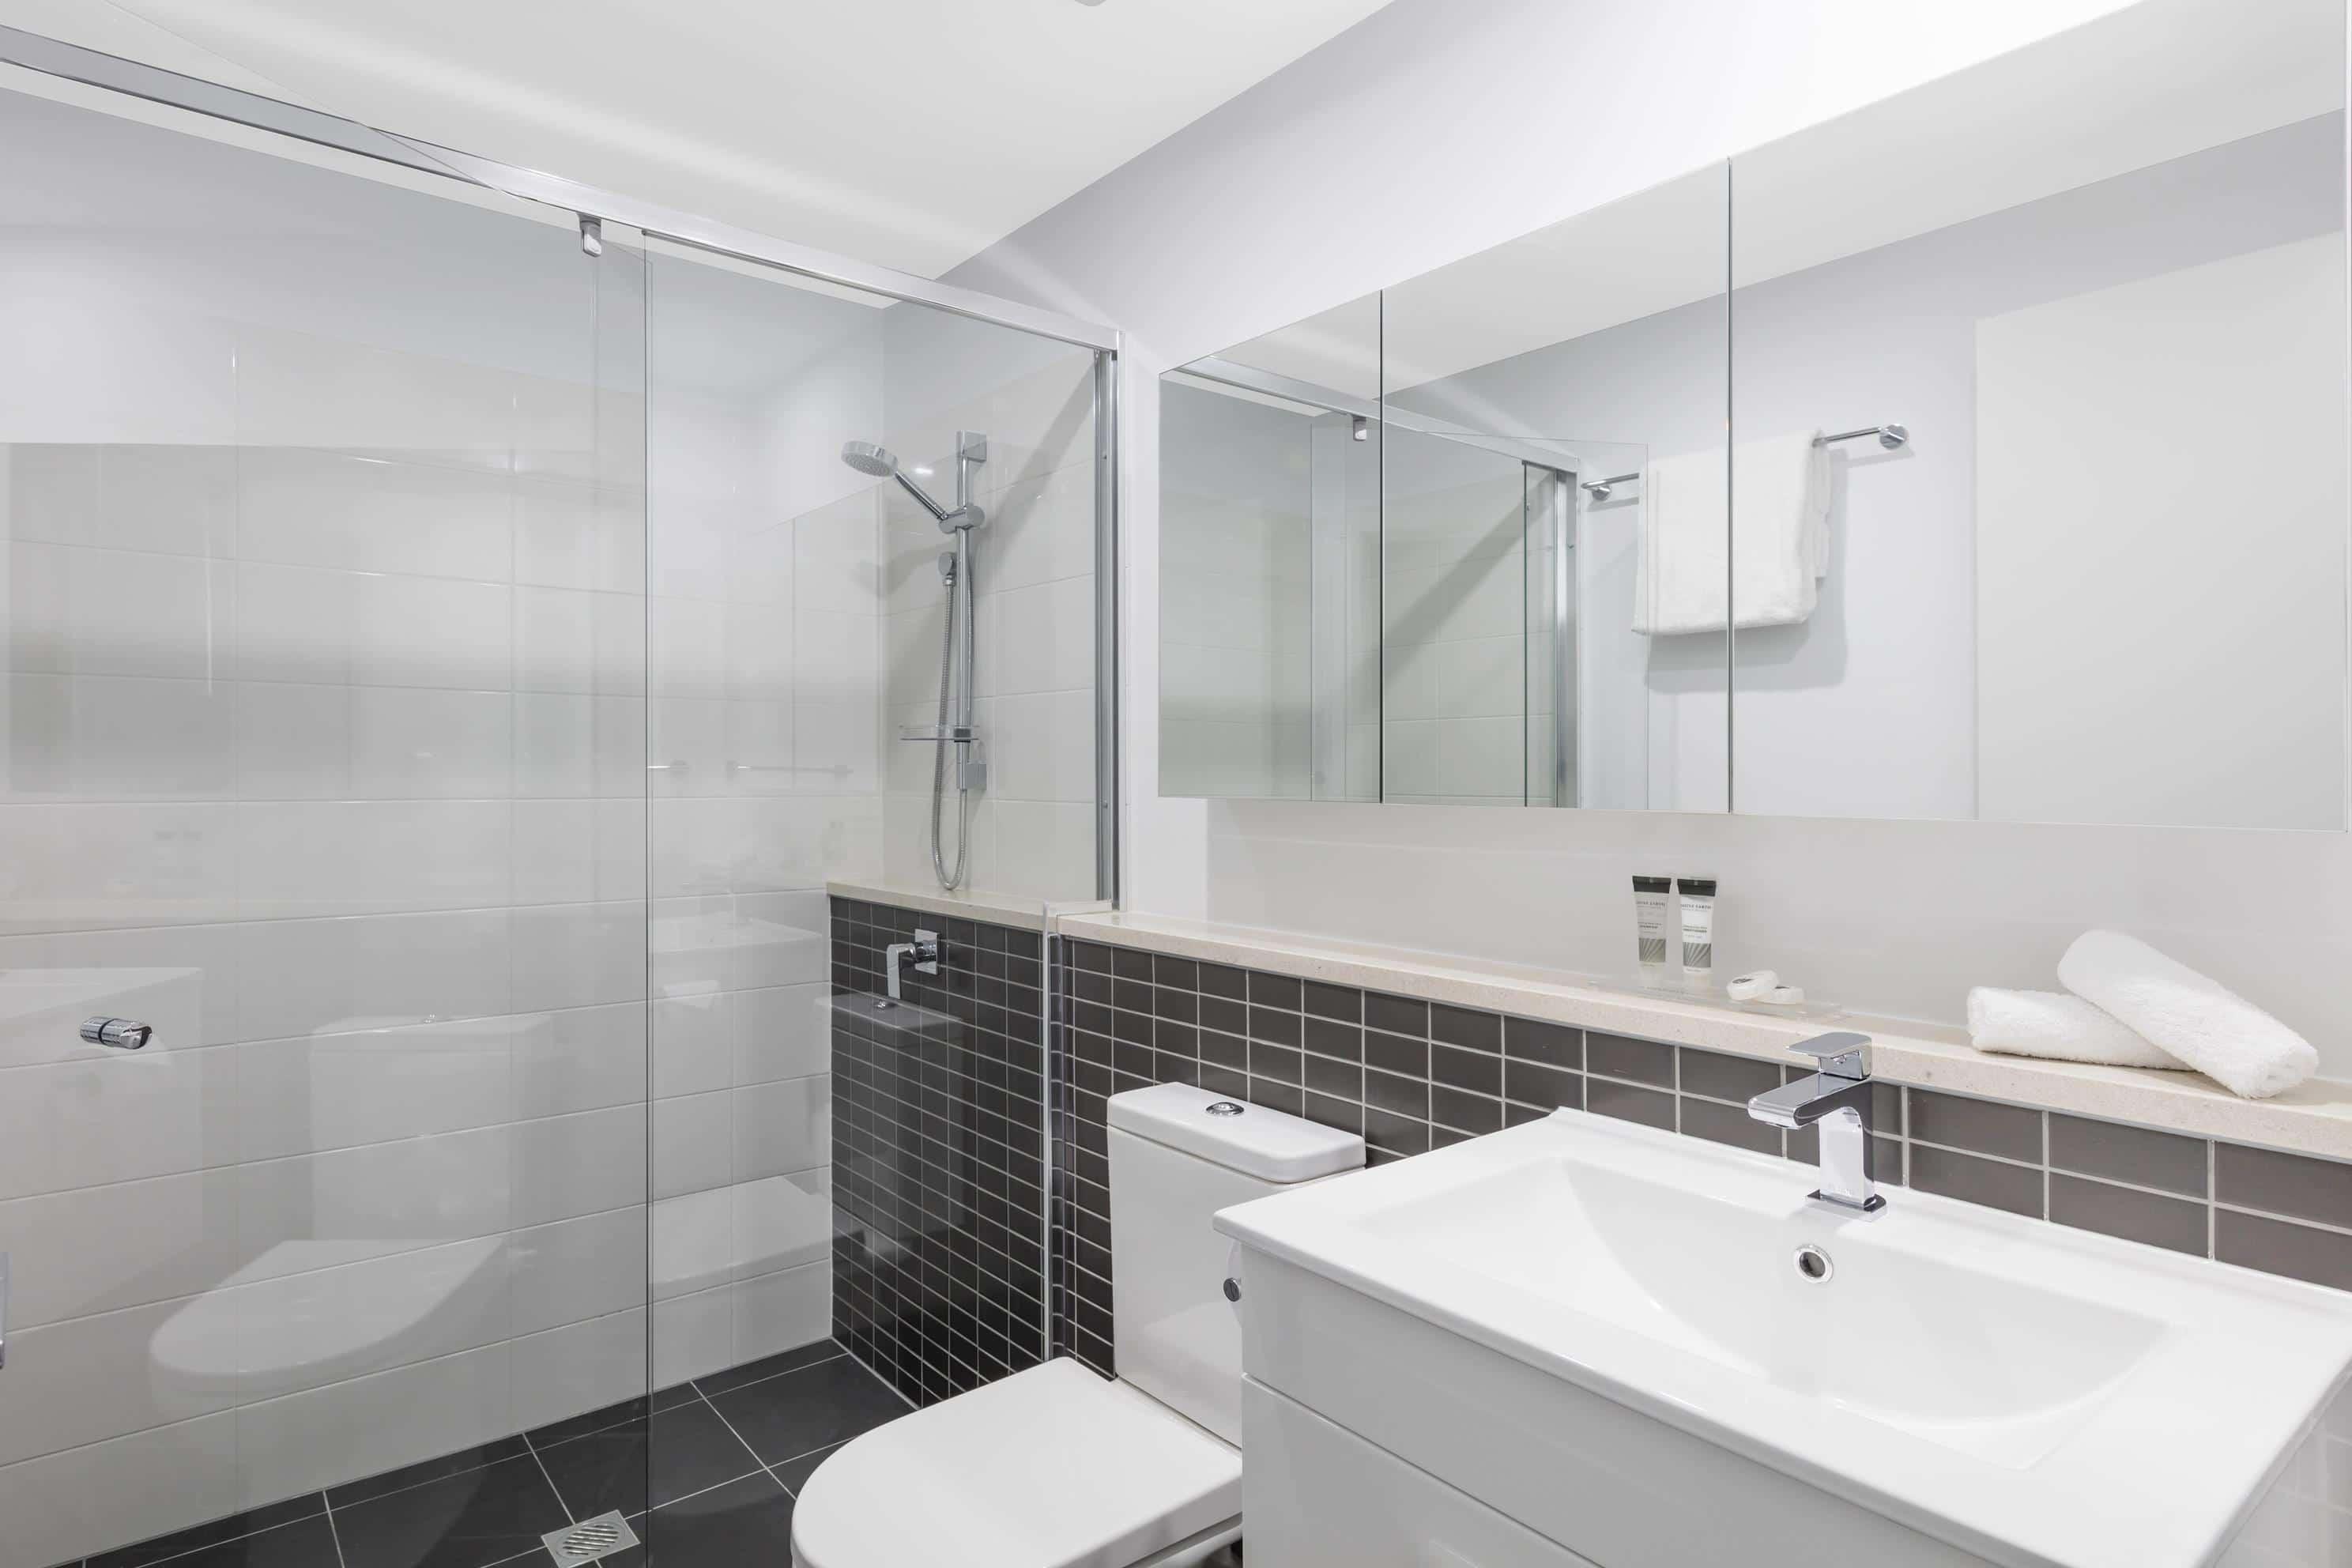 Oaks-Woolloongabba-2-Bedroom-Bathroom-2_low res